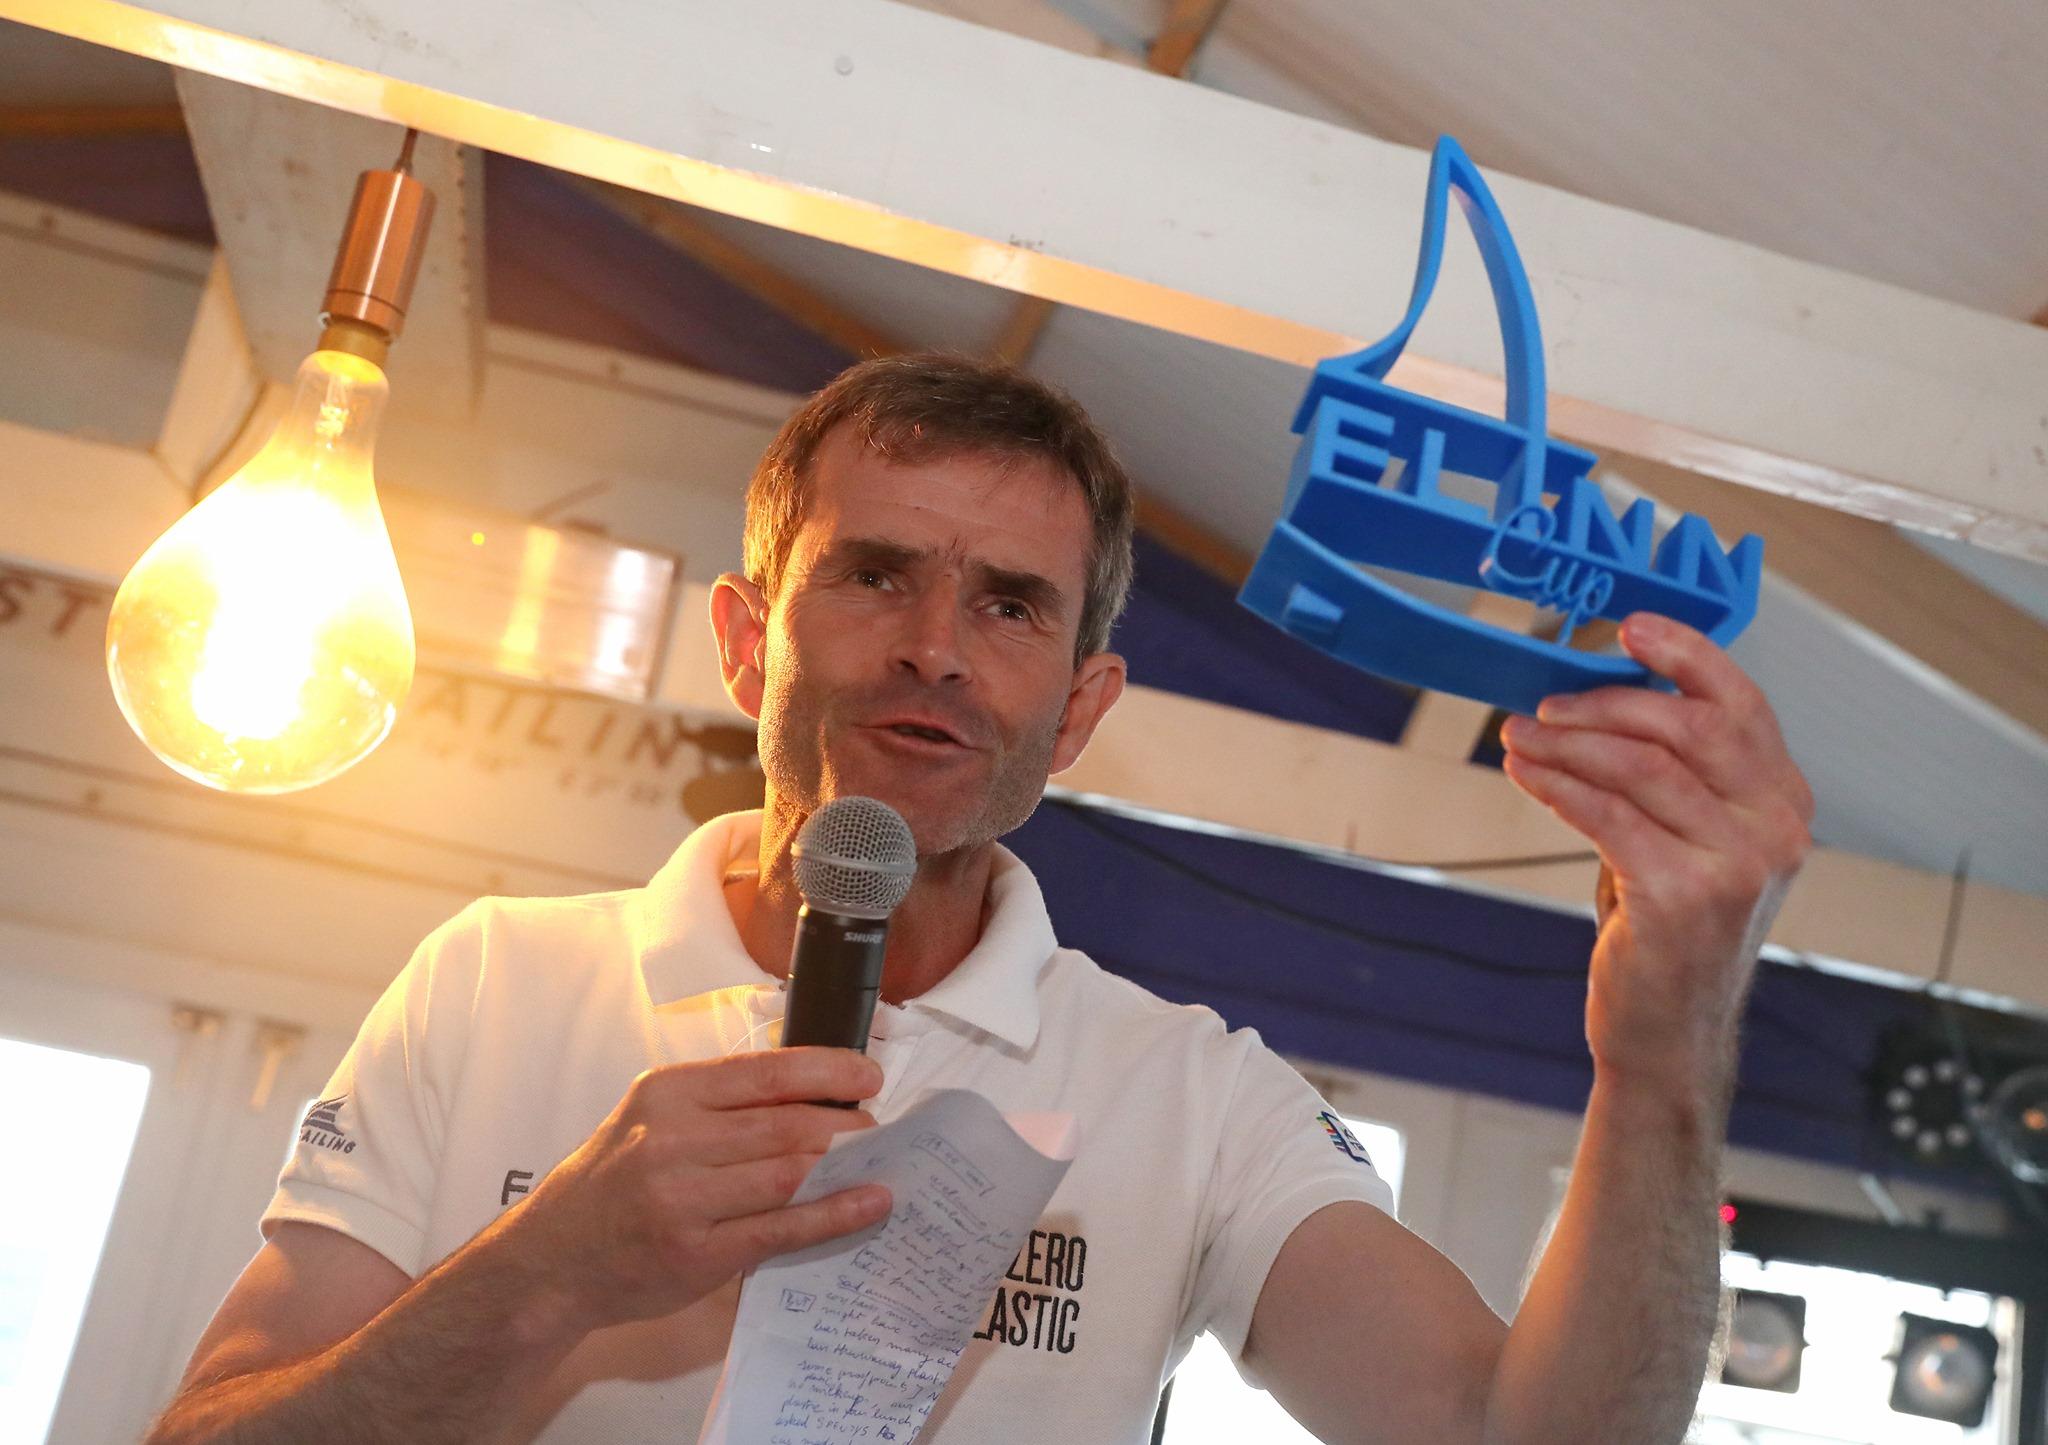 Benoit toont de Flinn Trophy